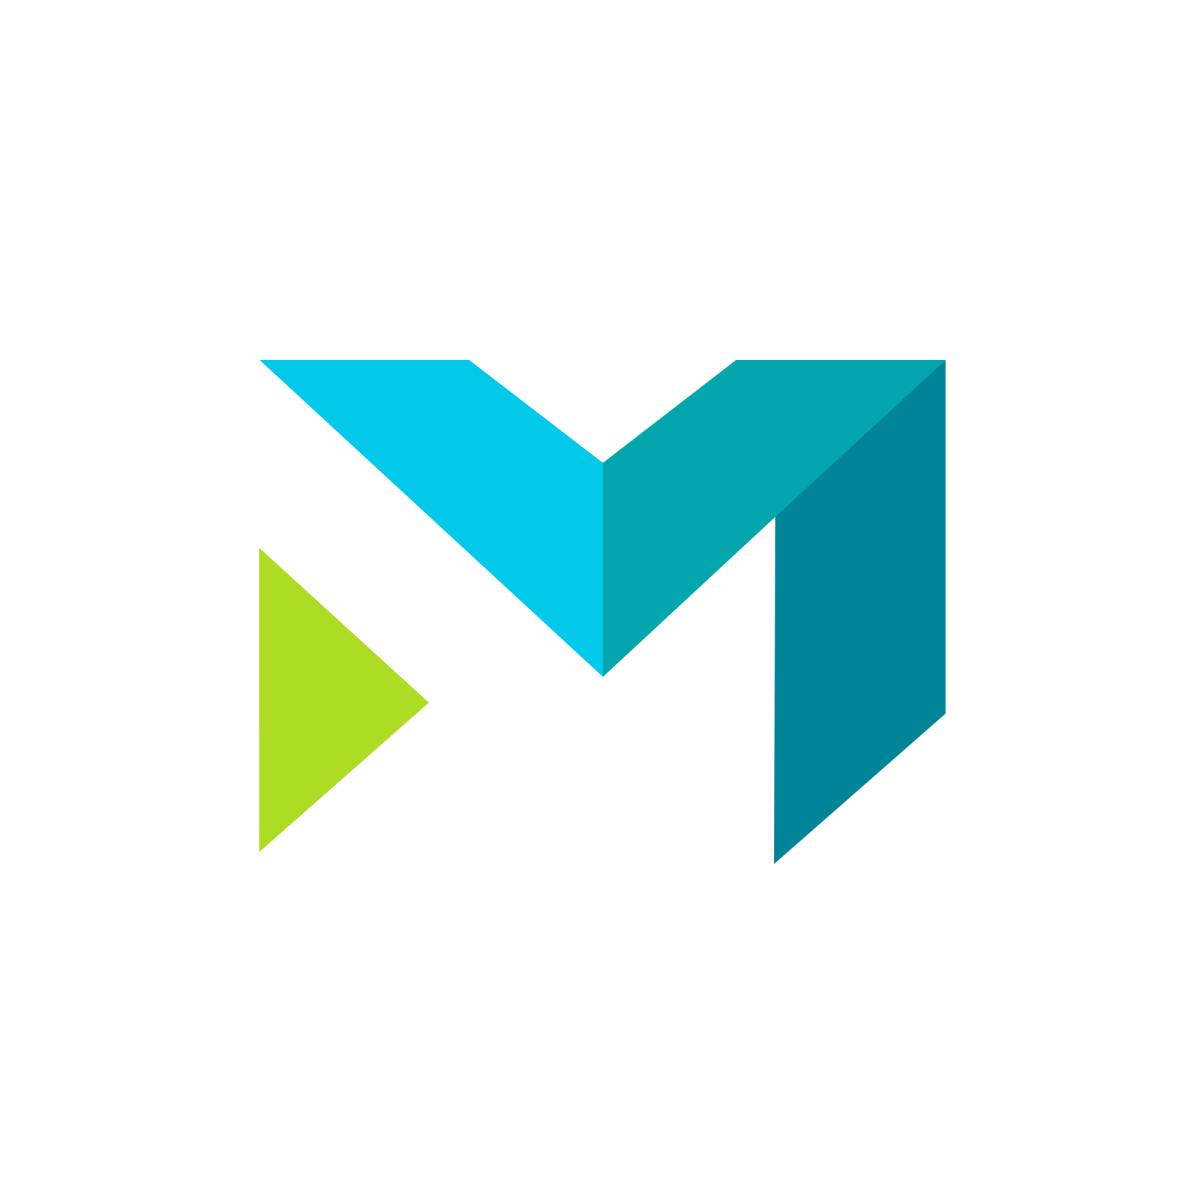 Gometro Logo South Africa Letter M Logo Arrow Design Logo Single Letter Logo